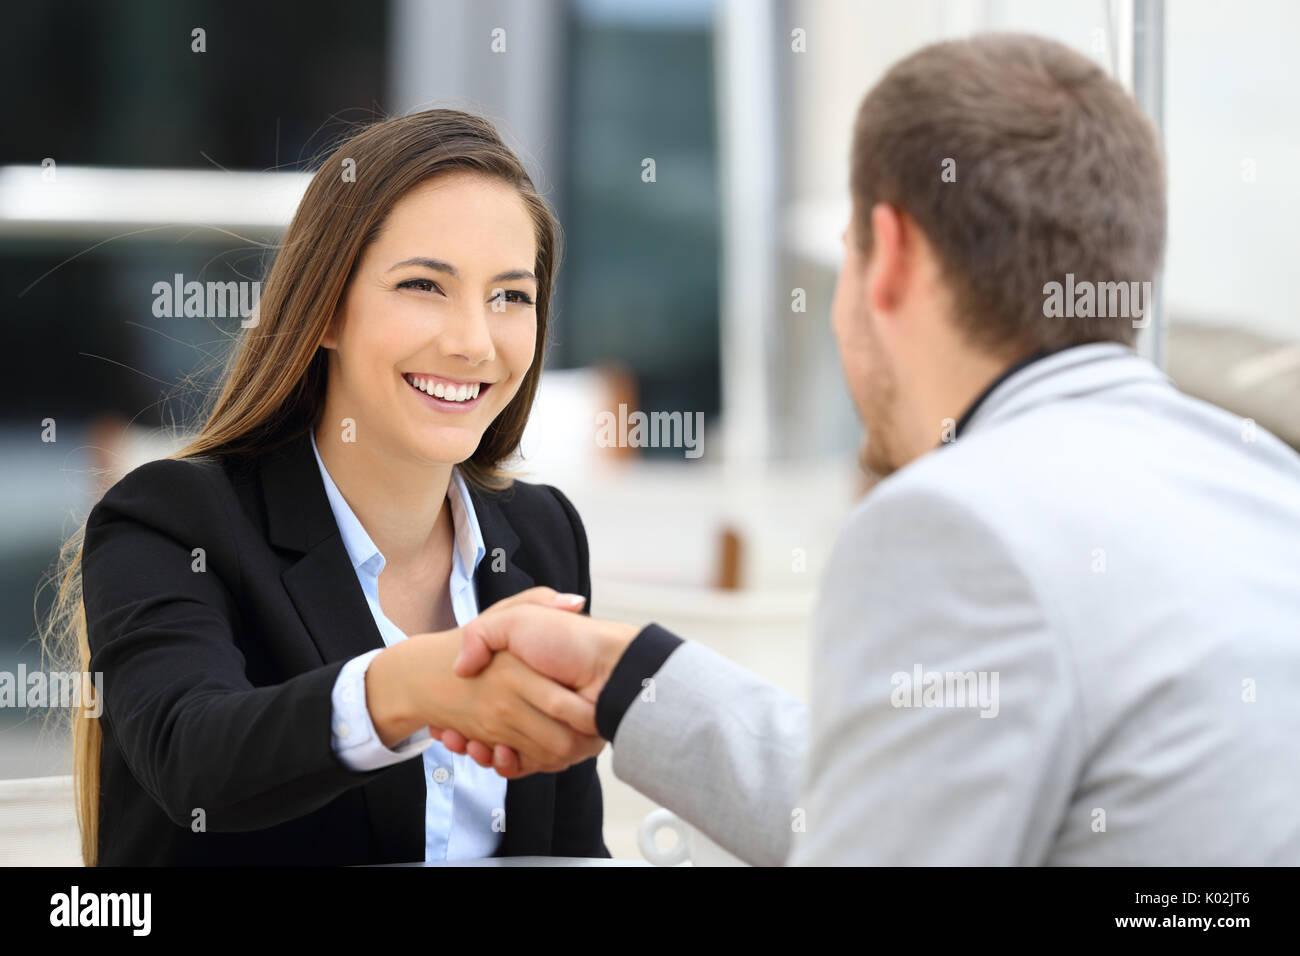 Reunión de dos ejecutivos y handshaking sentado en una cafetería Imagen De Stock